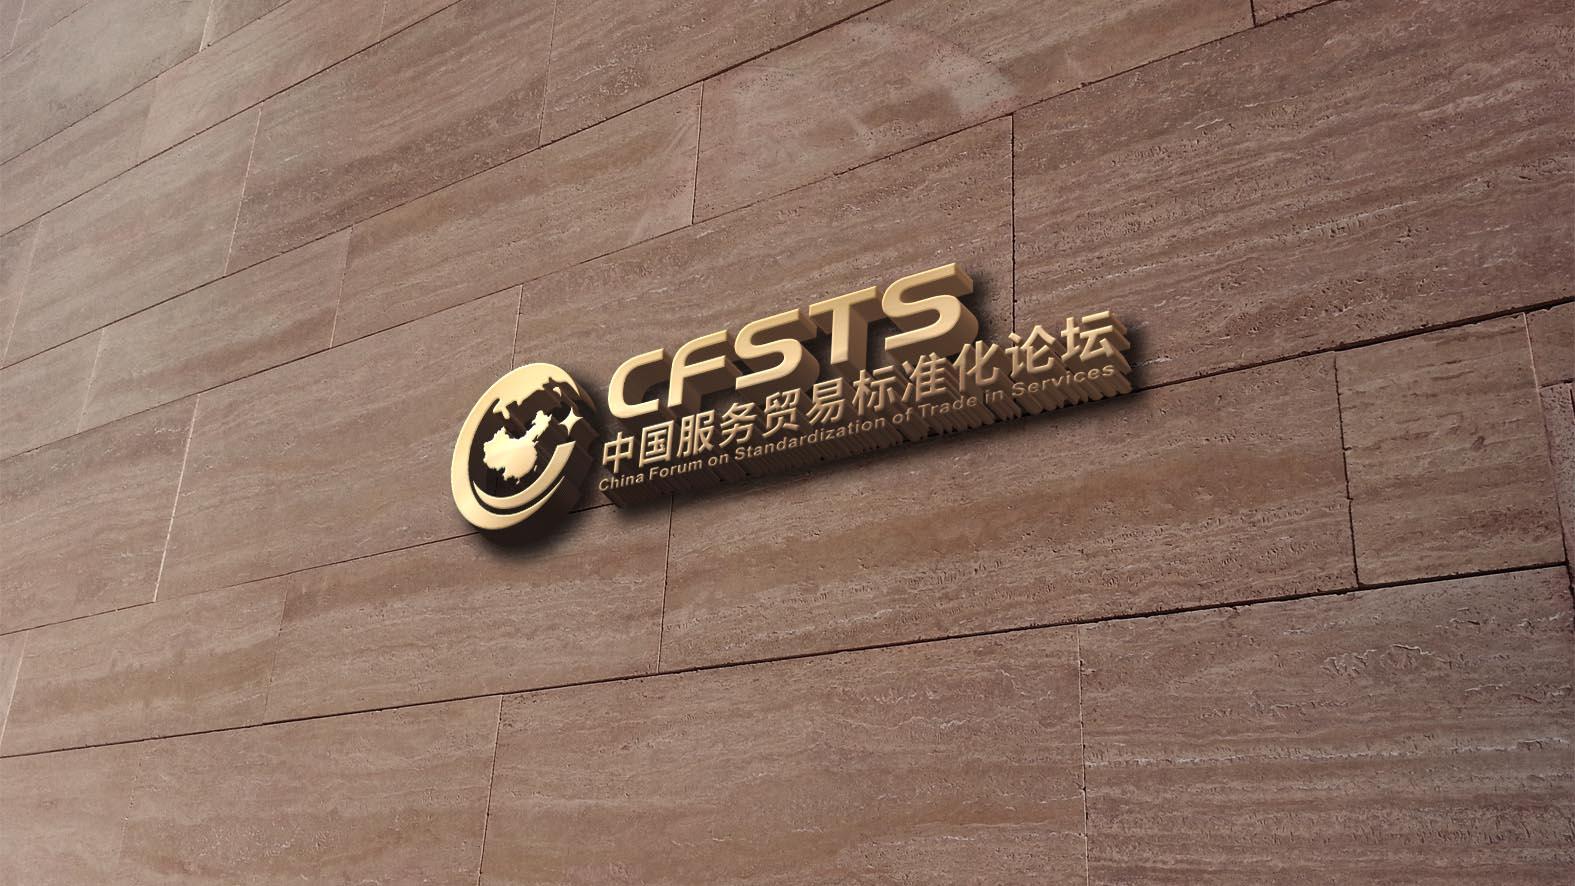 中国服务贸易标准化论坛logo征集方案_3038229_k68威客网